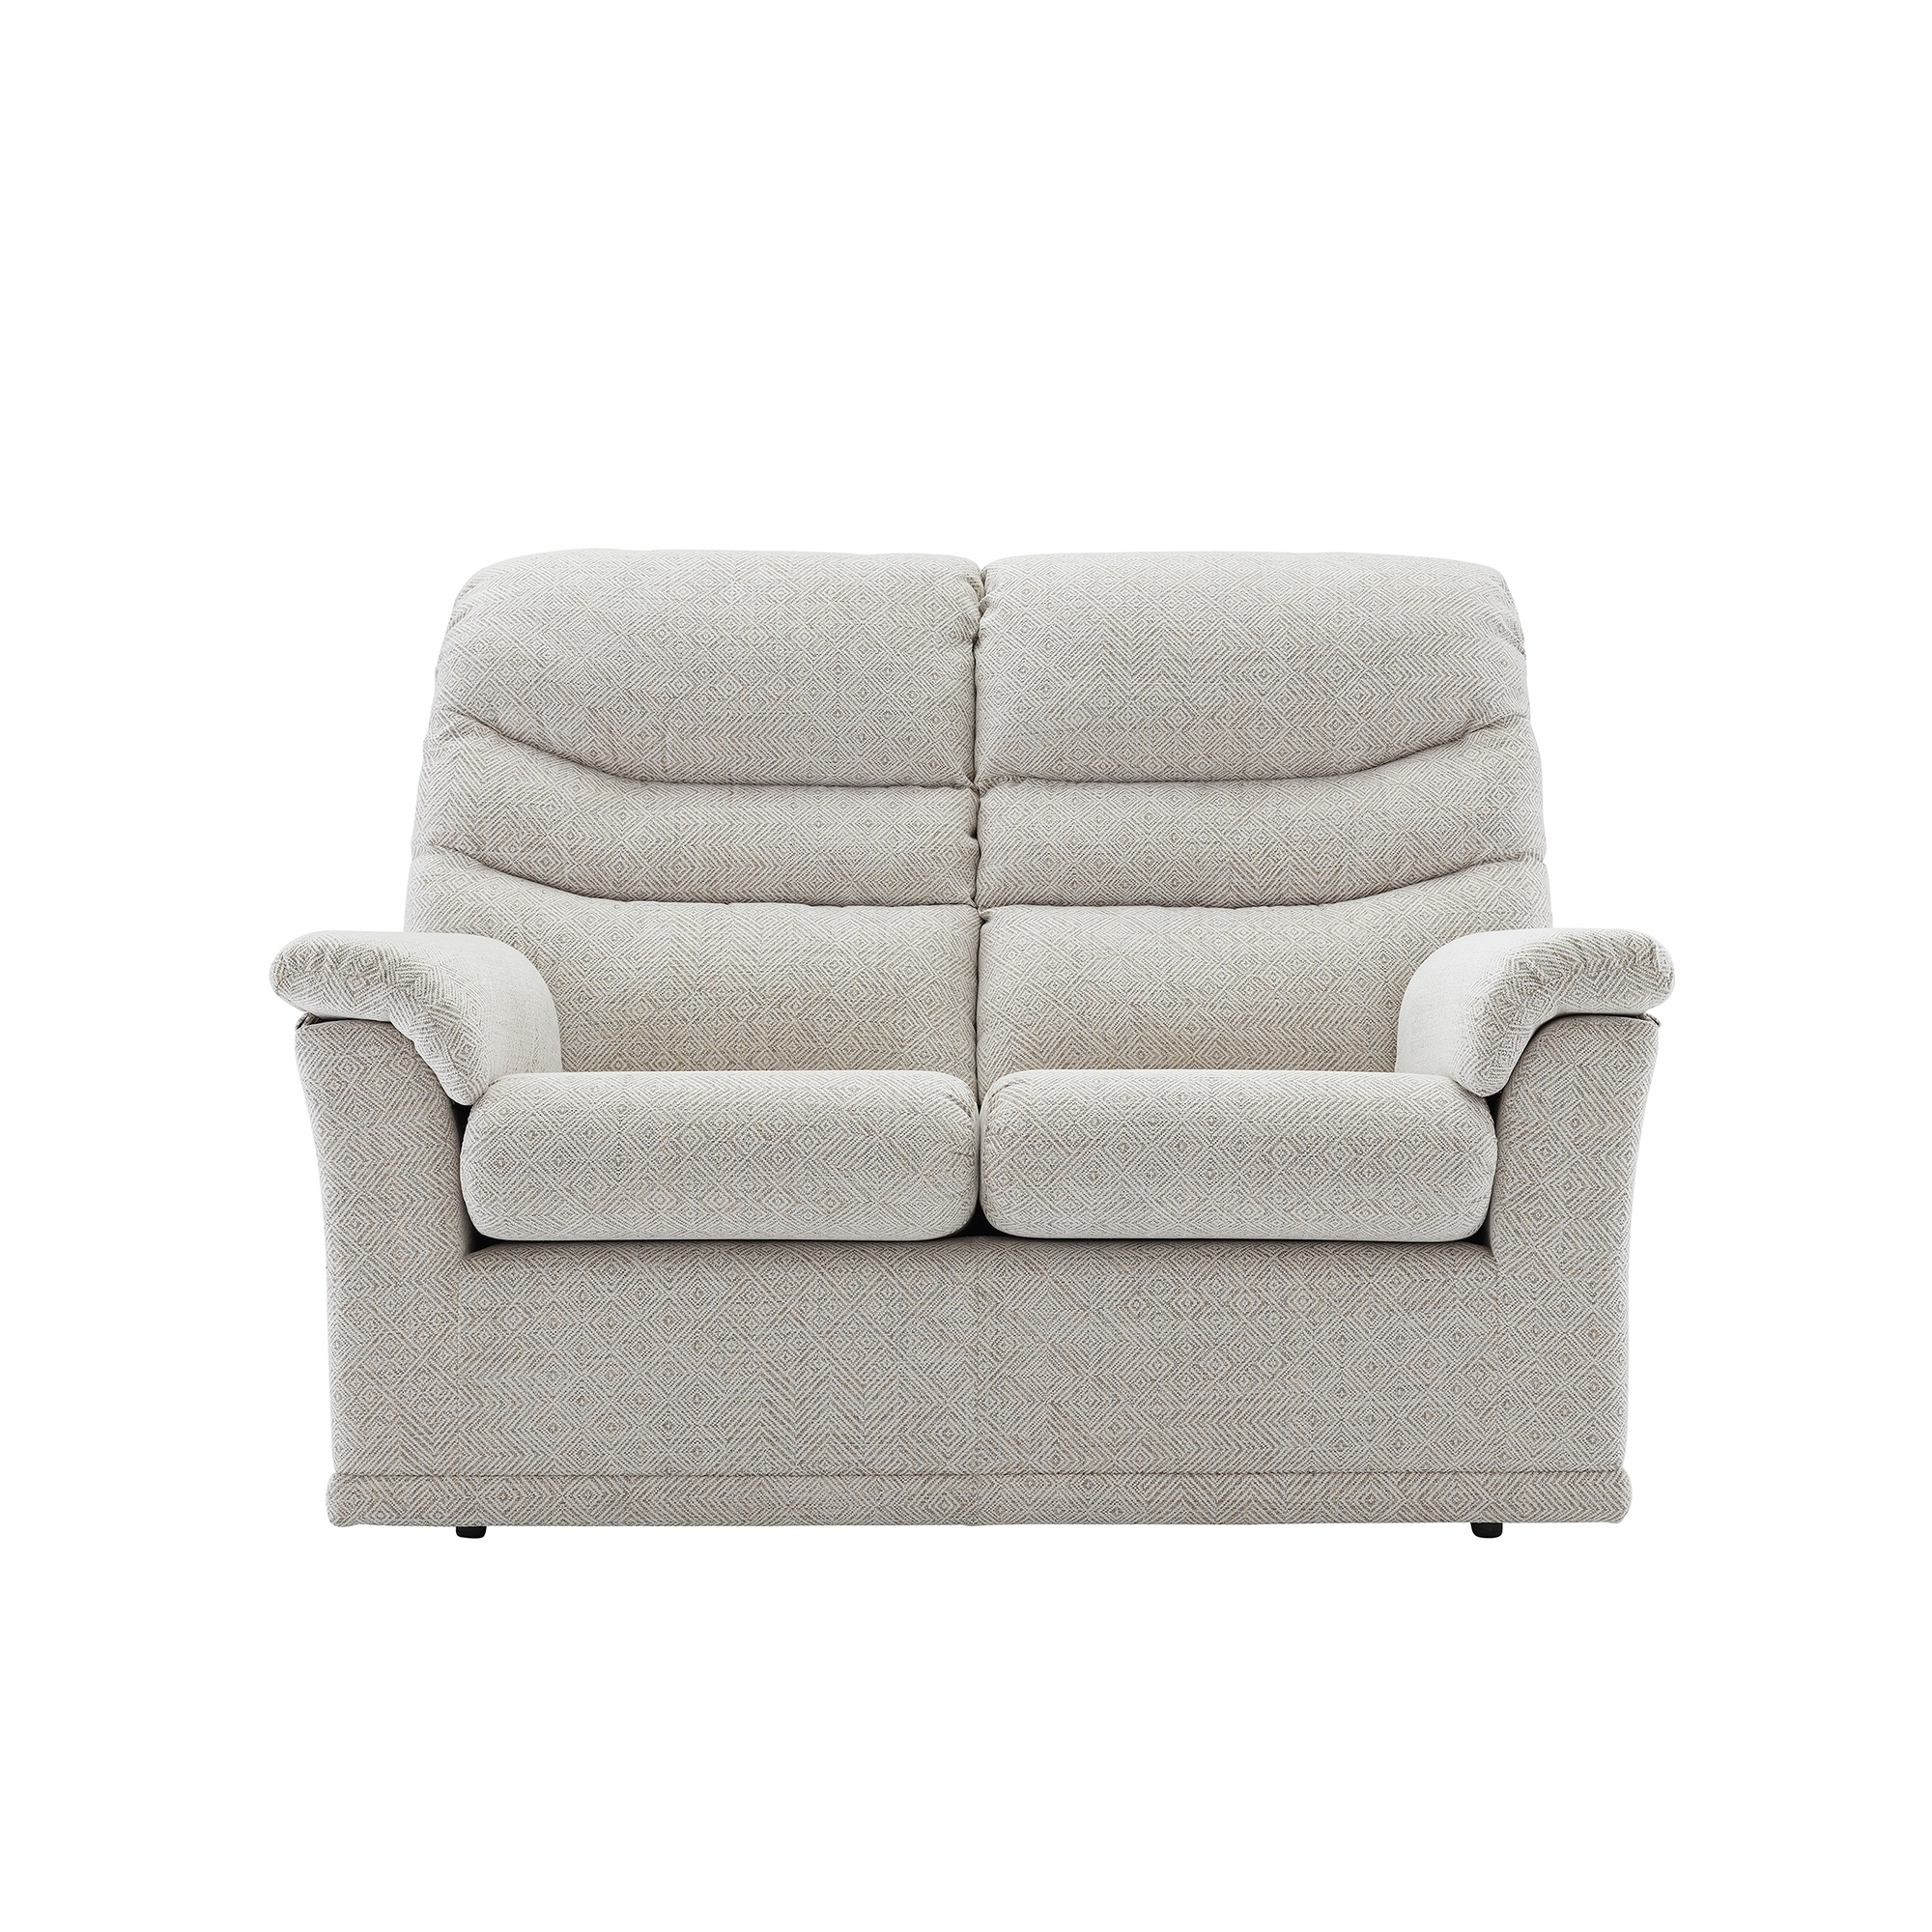 G Plan Malvern 2 Seater Sofa All Sofas